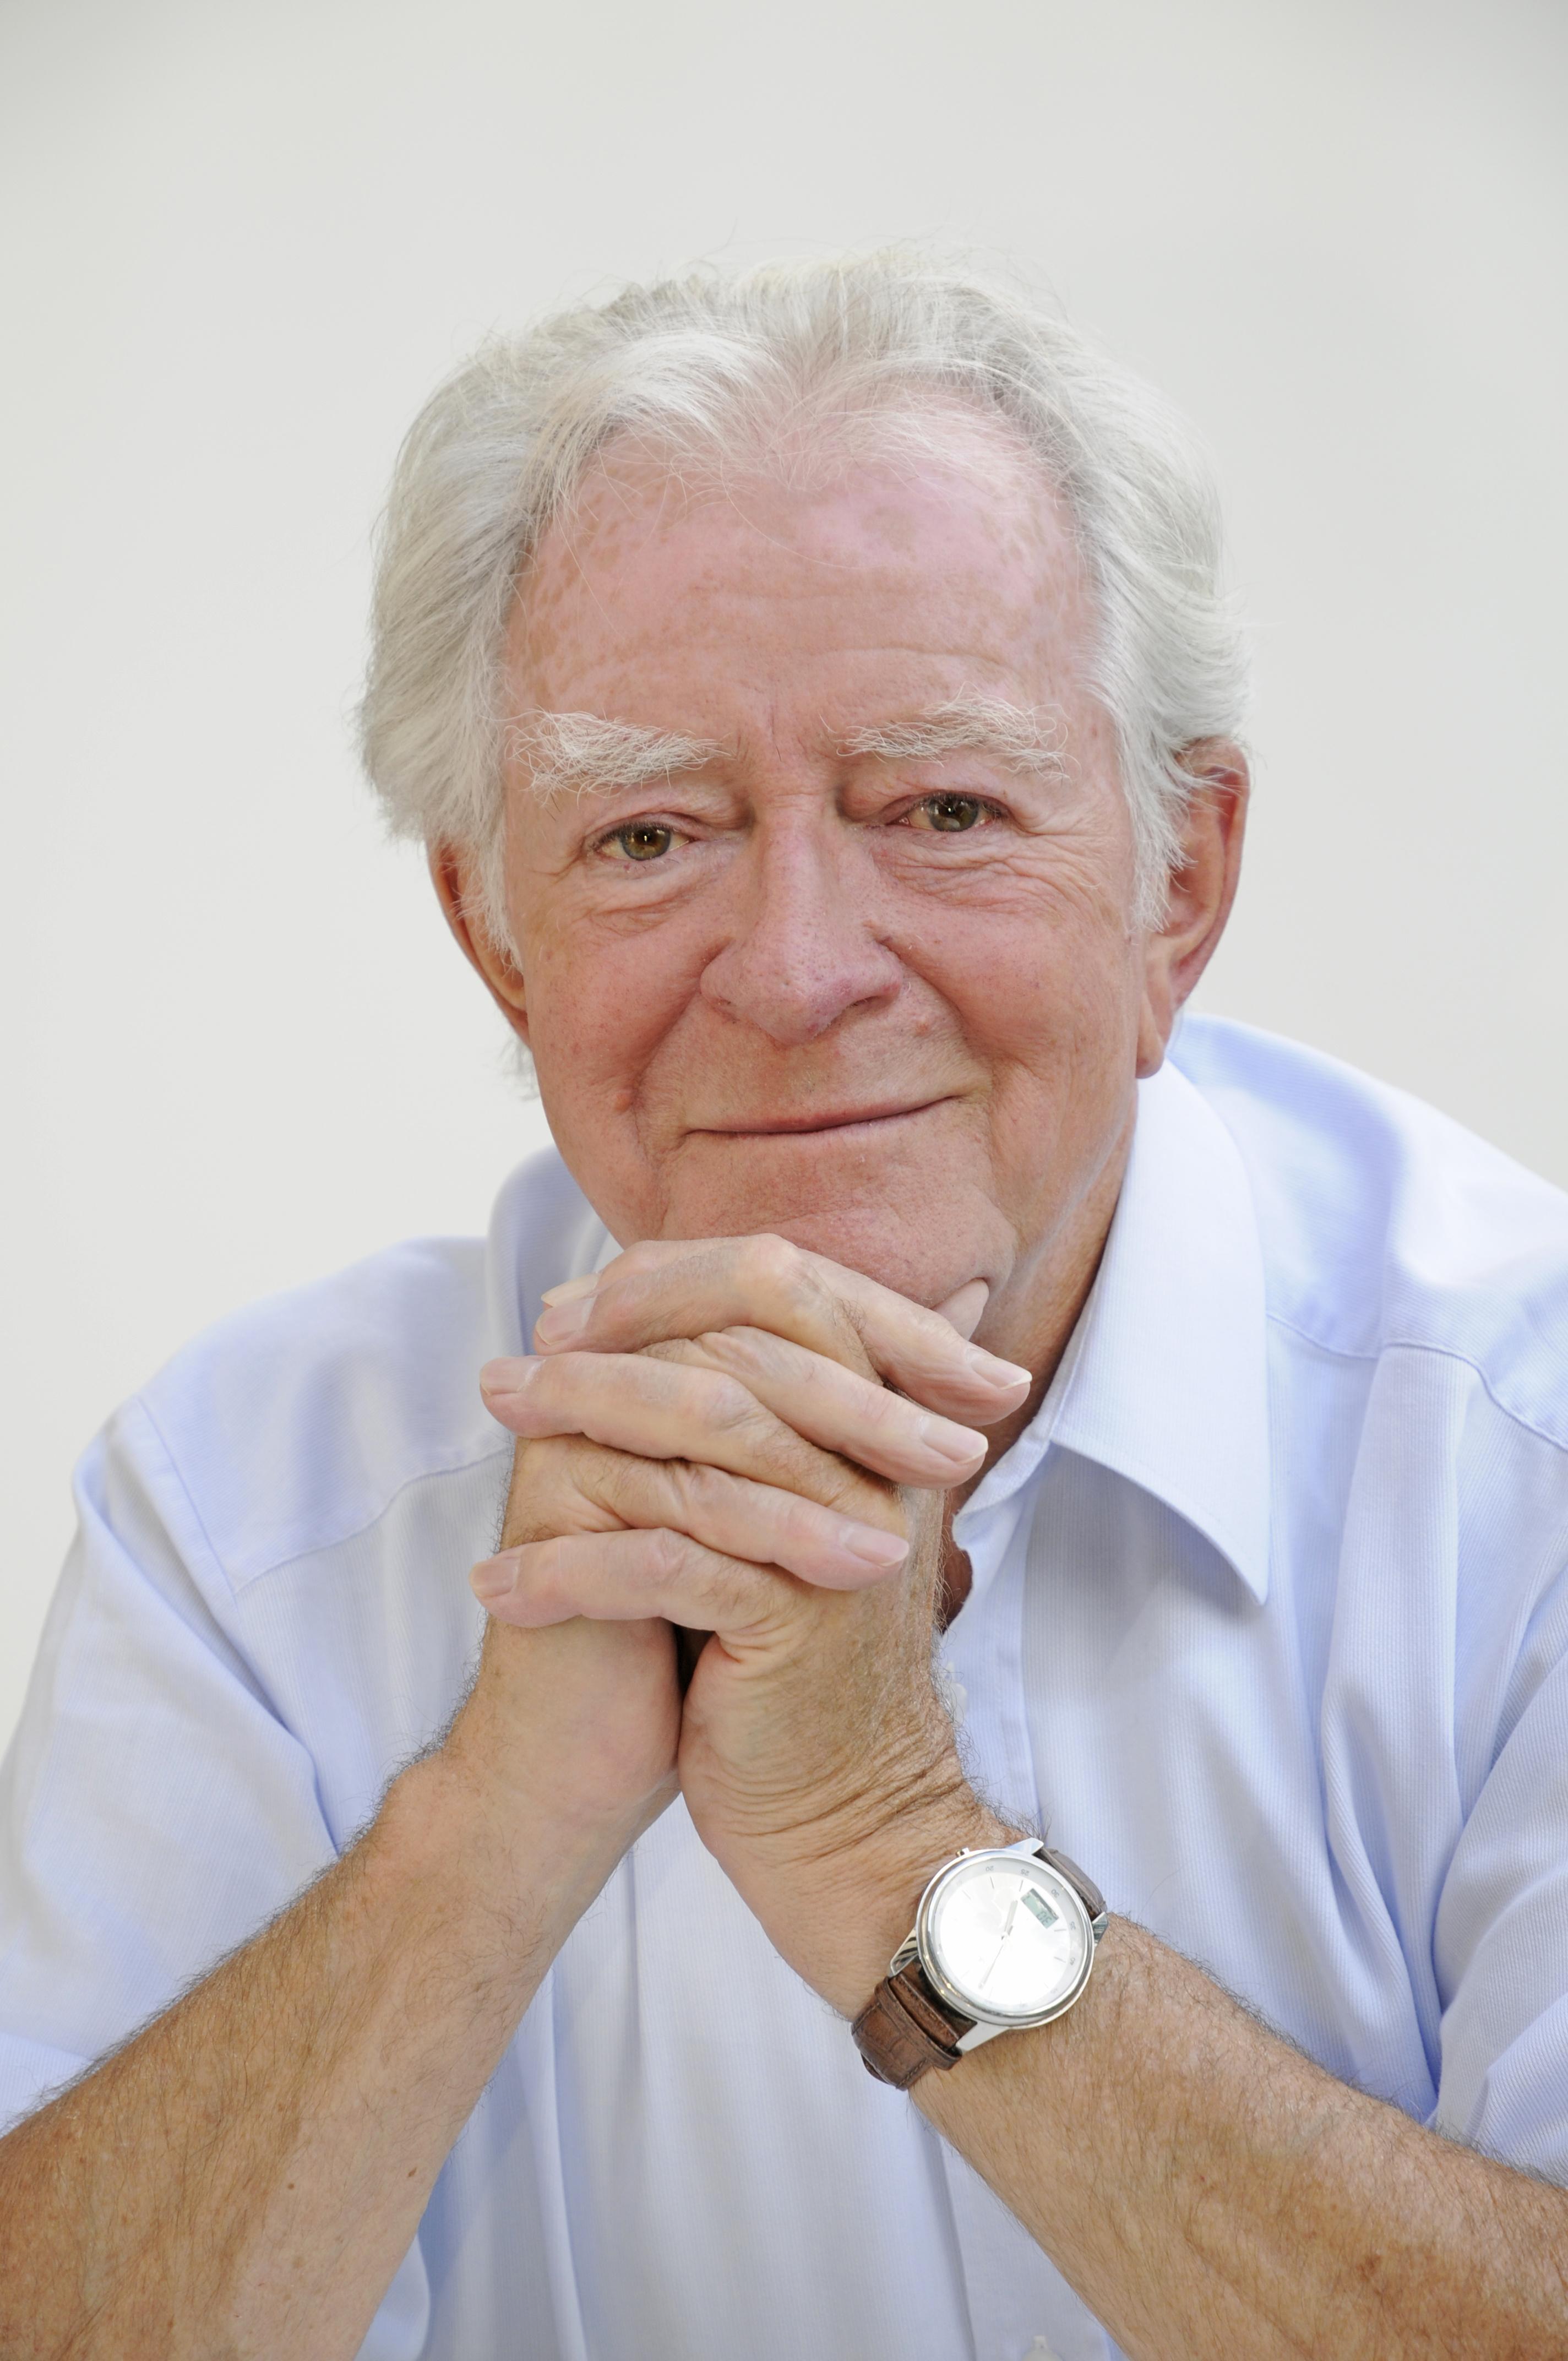 Dennis Reeder, Age 75